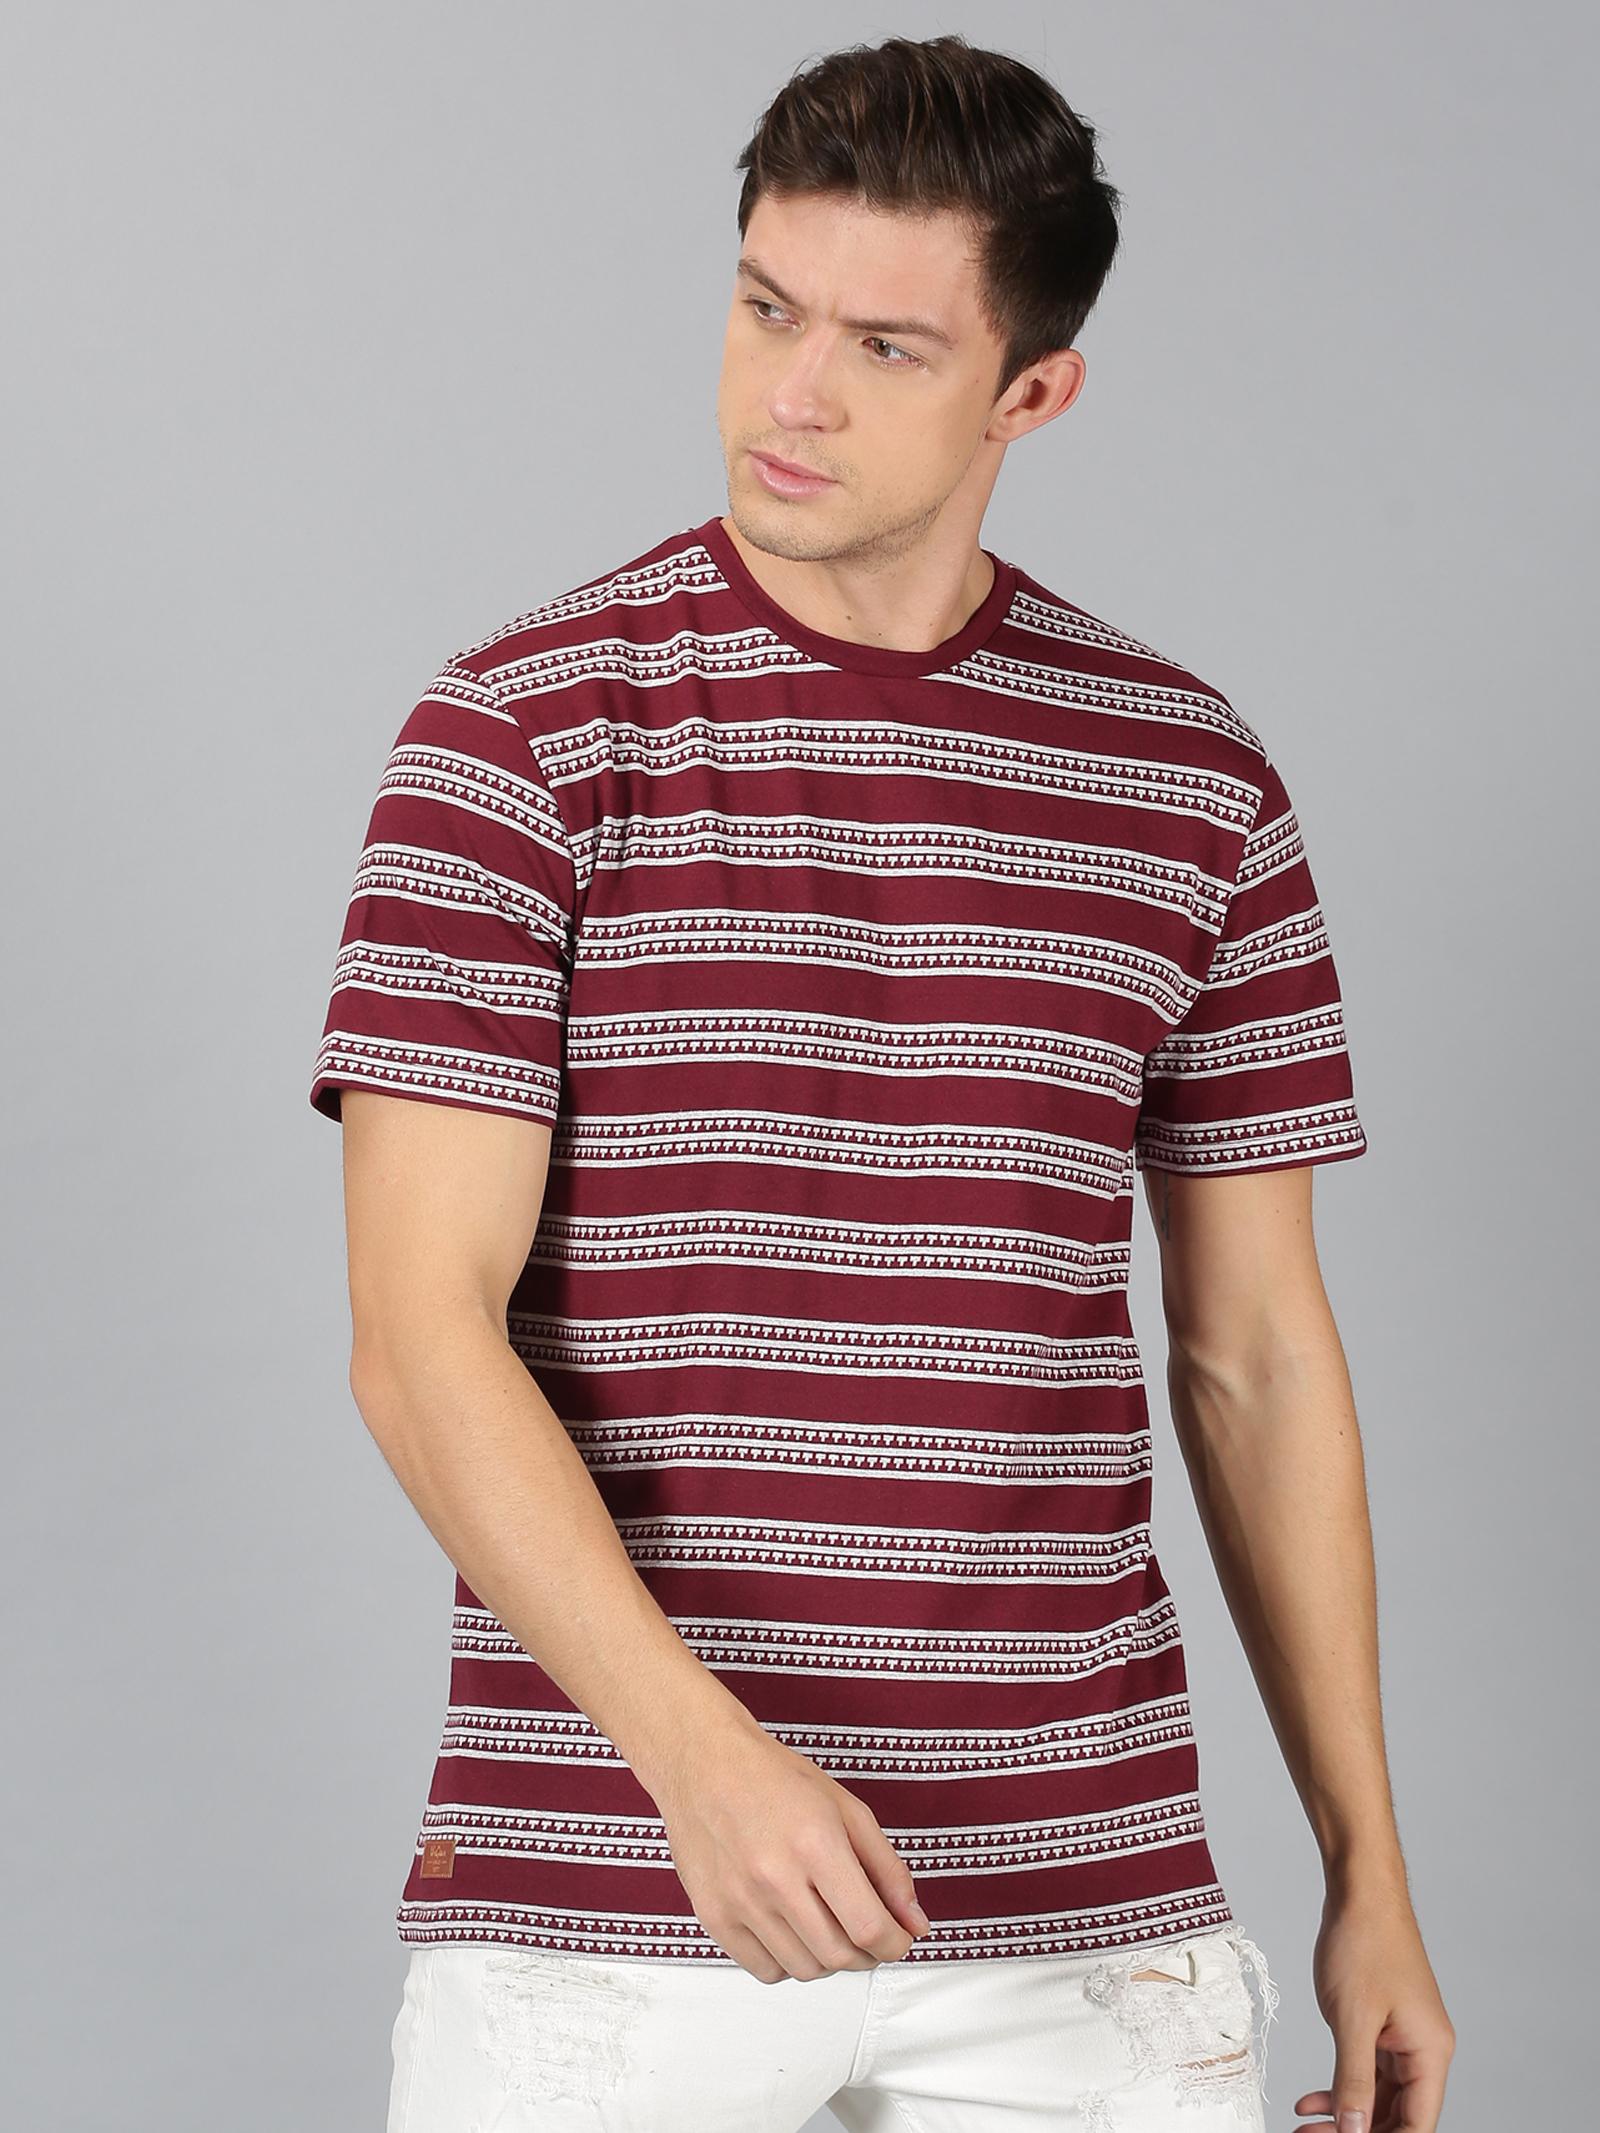 UrGear | UrGear Stripes  Men Round Neck Burgundy,Grey  melange T-Shirt